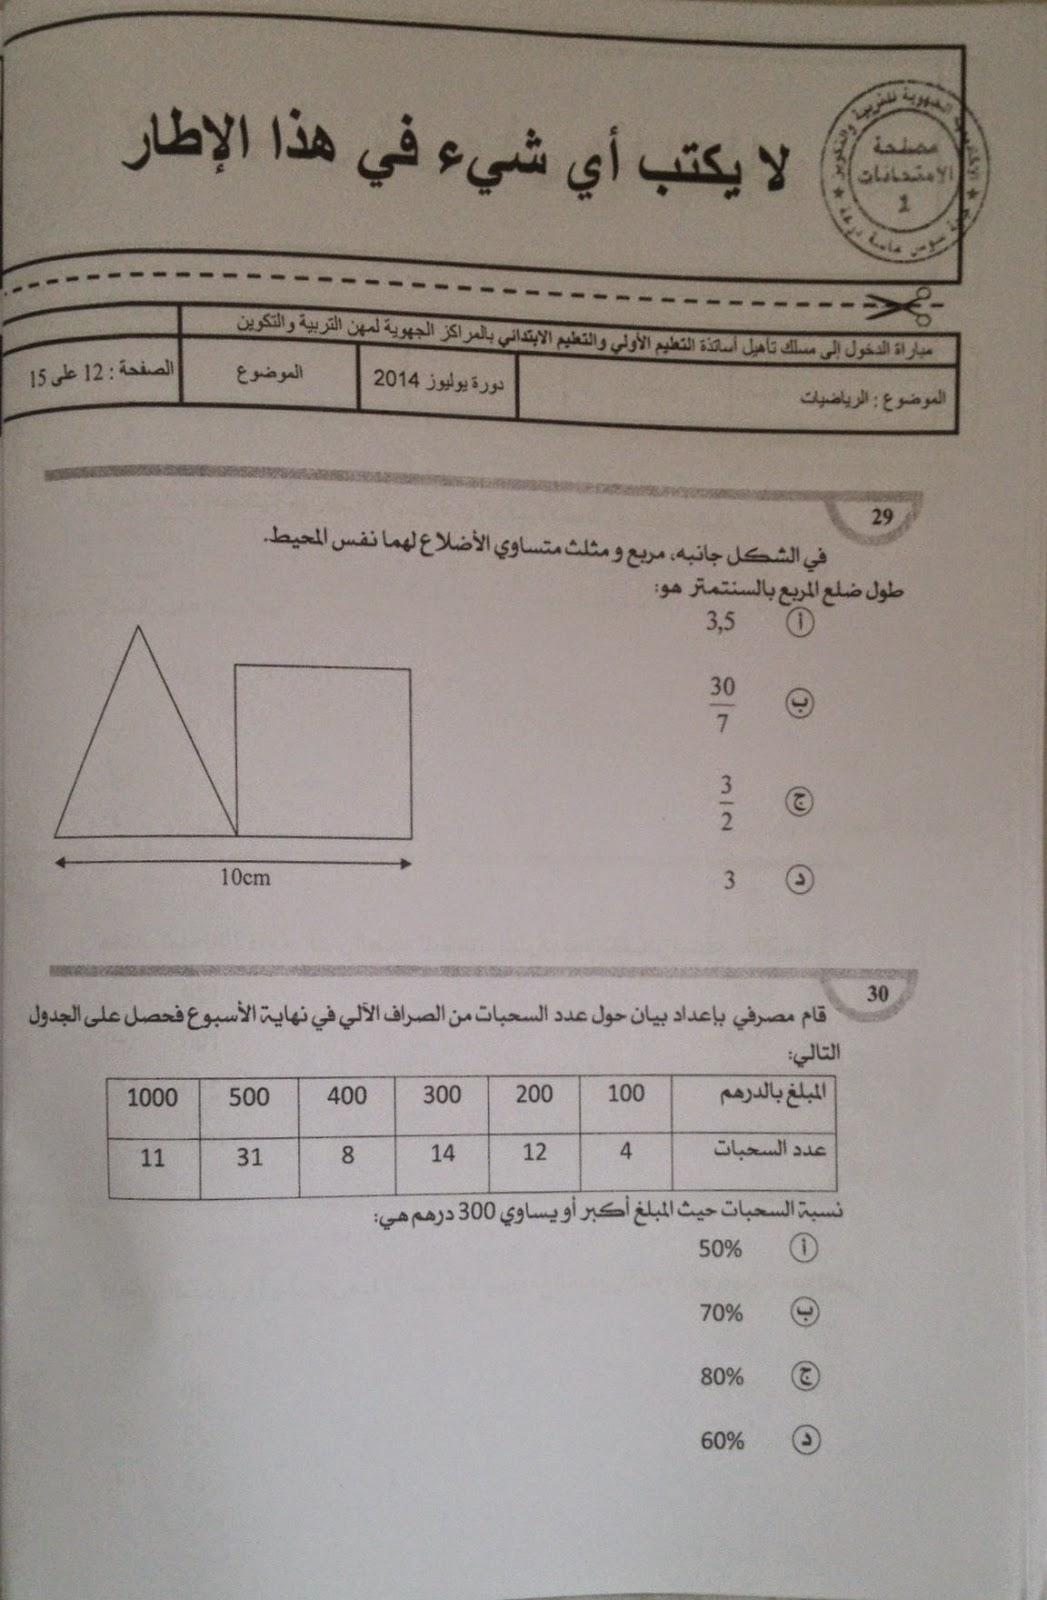 الاختبار الكتابي لولوج المراكز الجهوية للسلك الابتدائي دورة يوليوز 2014- مادة الرياضيات  Nouveau%2Bdocument%2B2_22